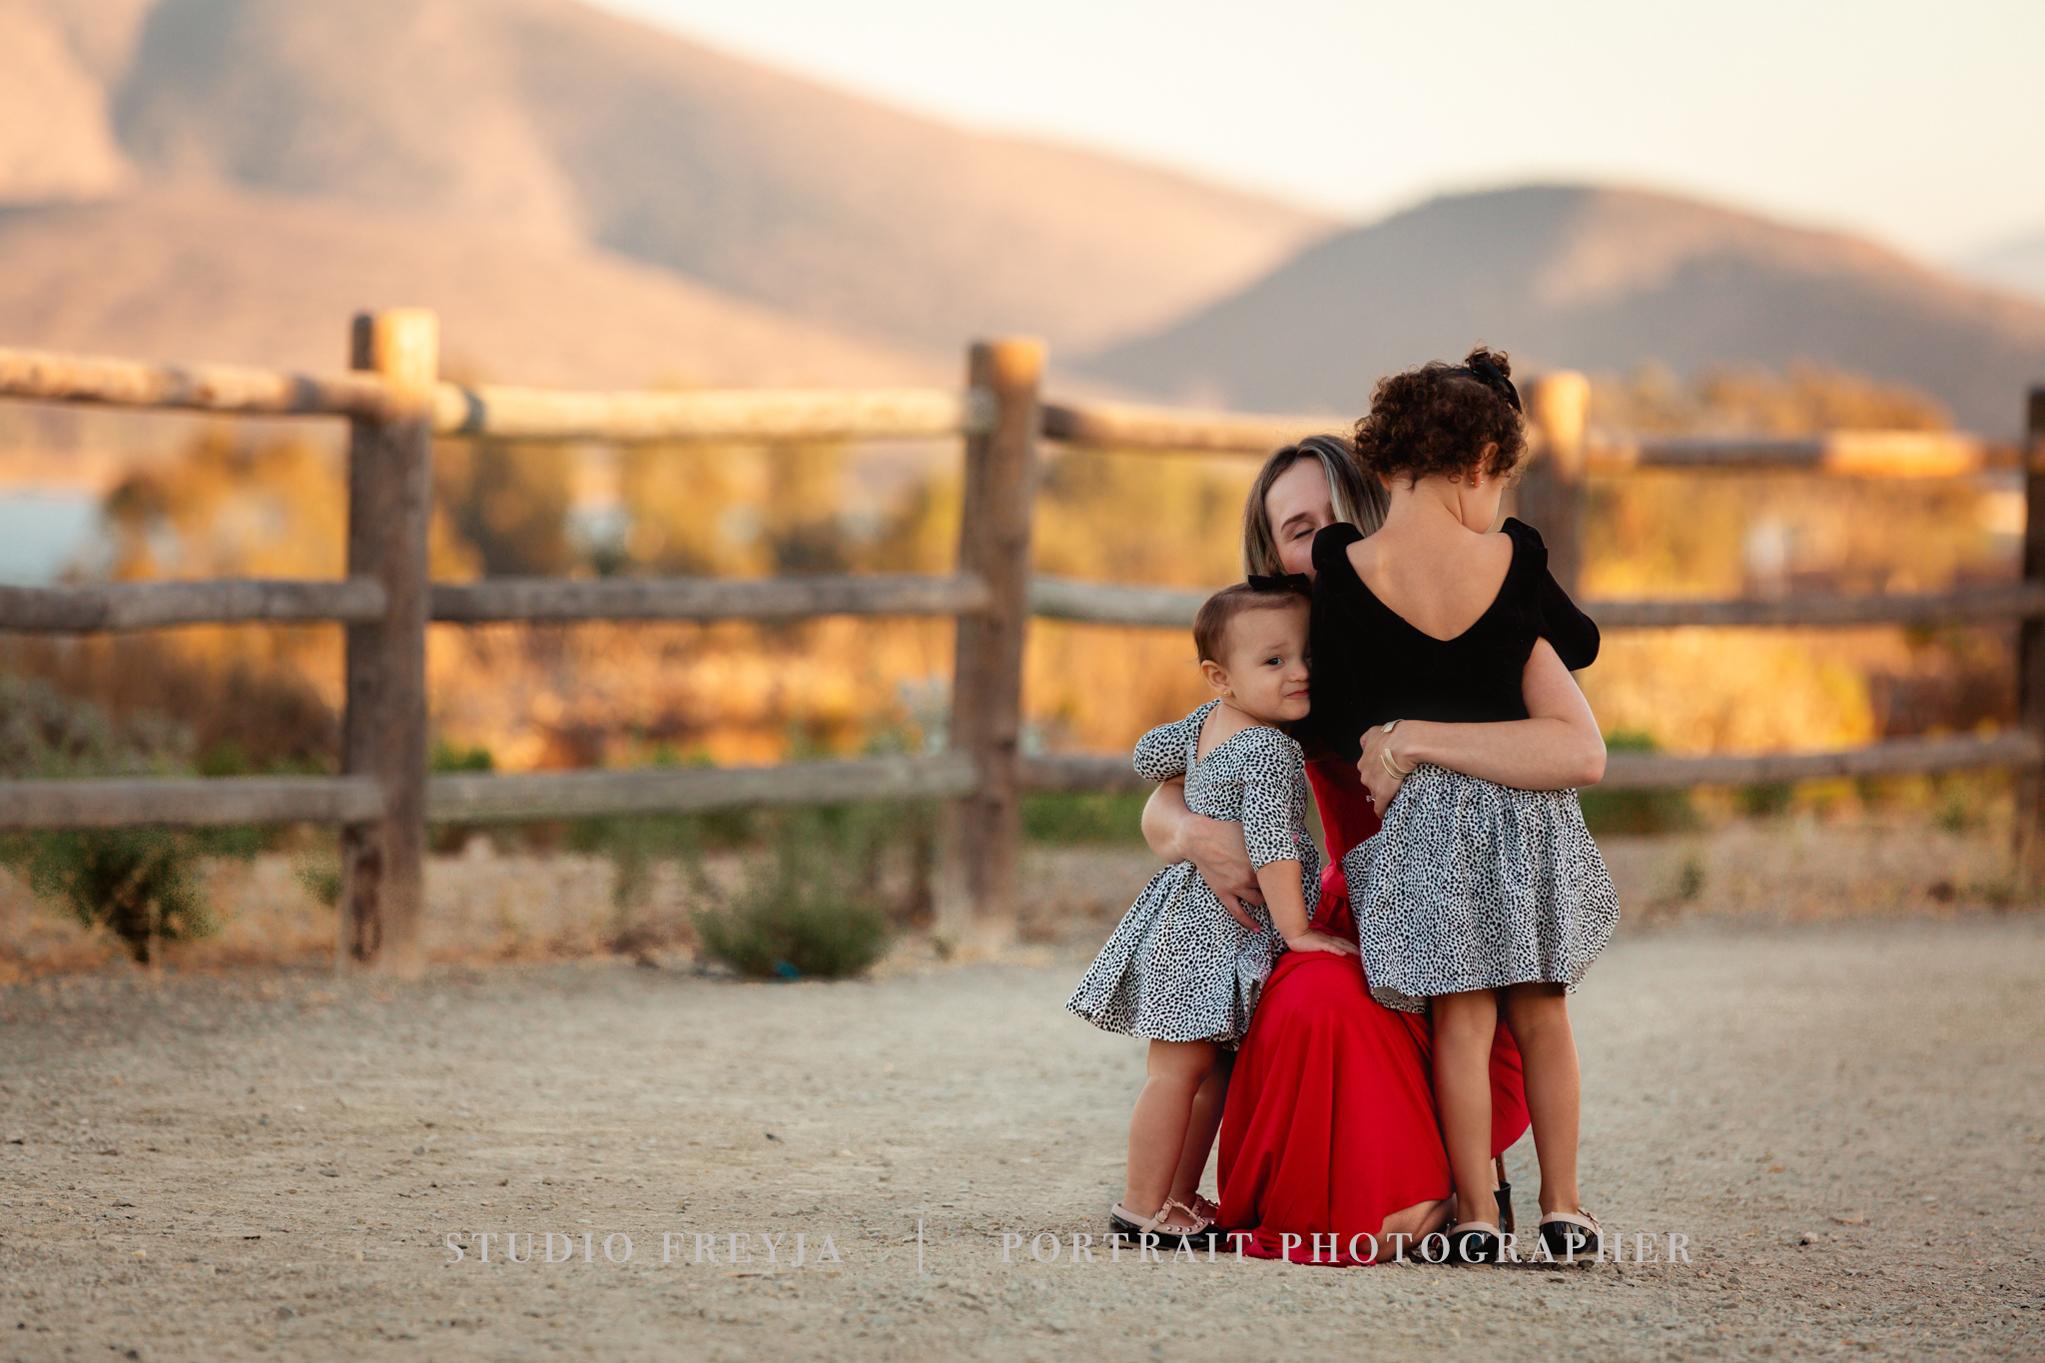 Aly Fall Family Pictures San Diego Copyright Studio Freyja (33 of 97).jpg